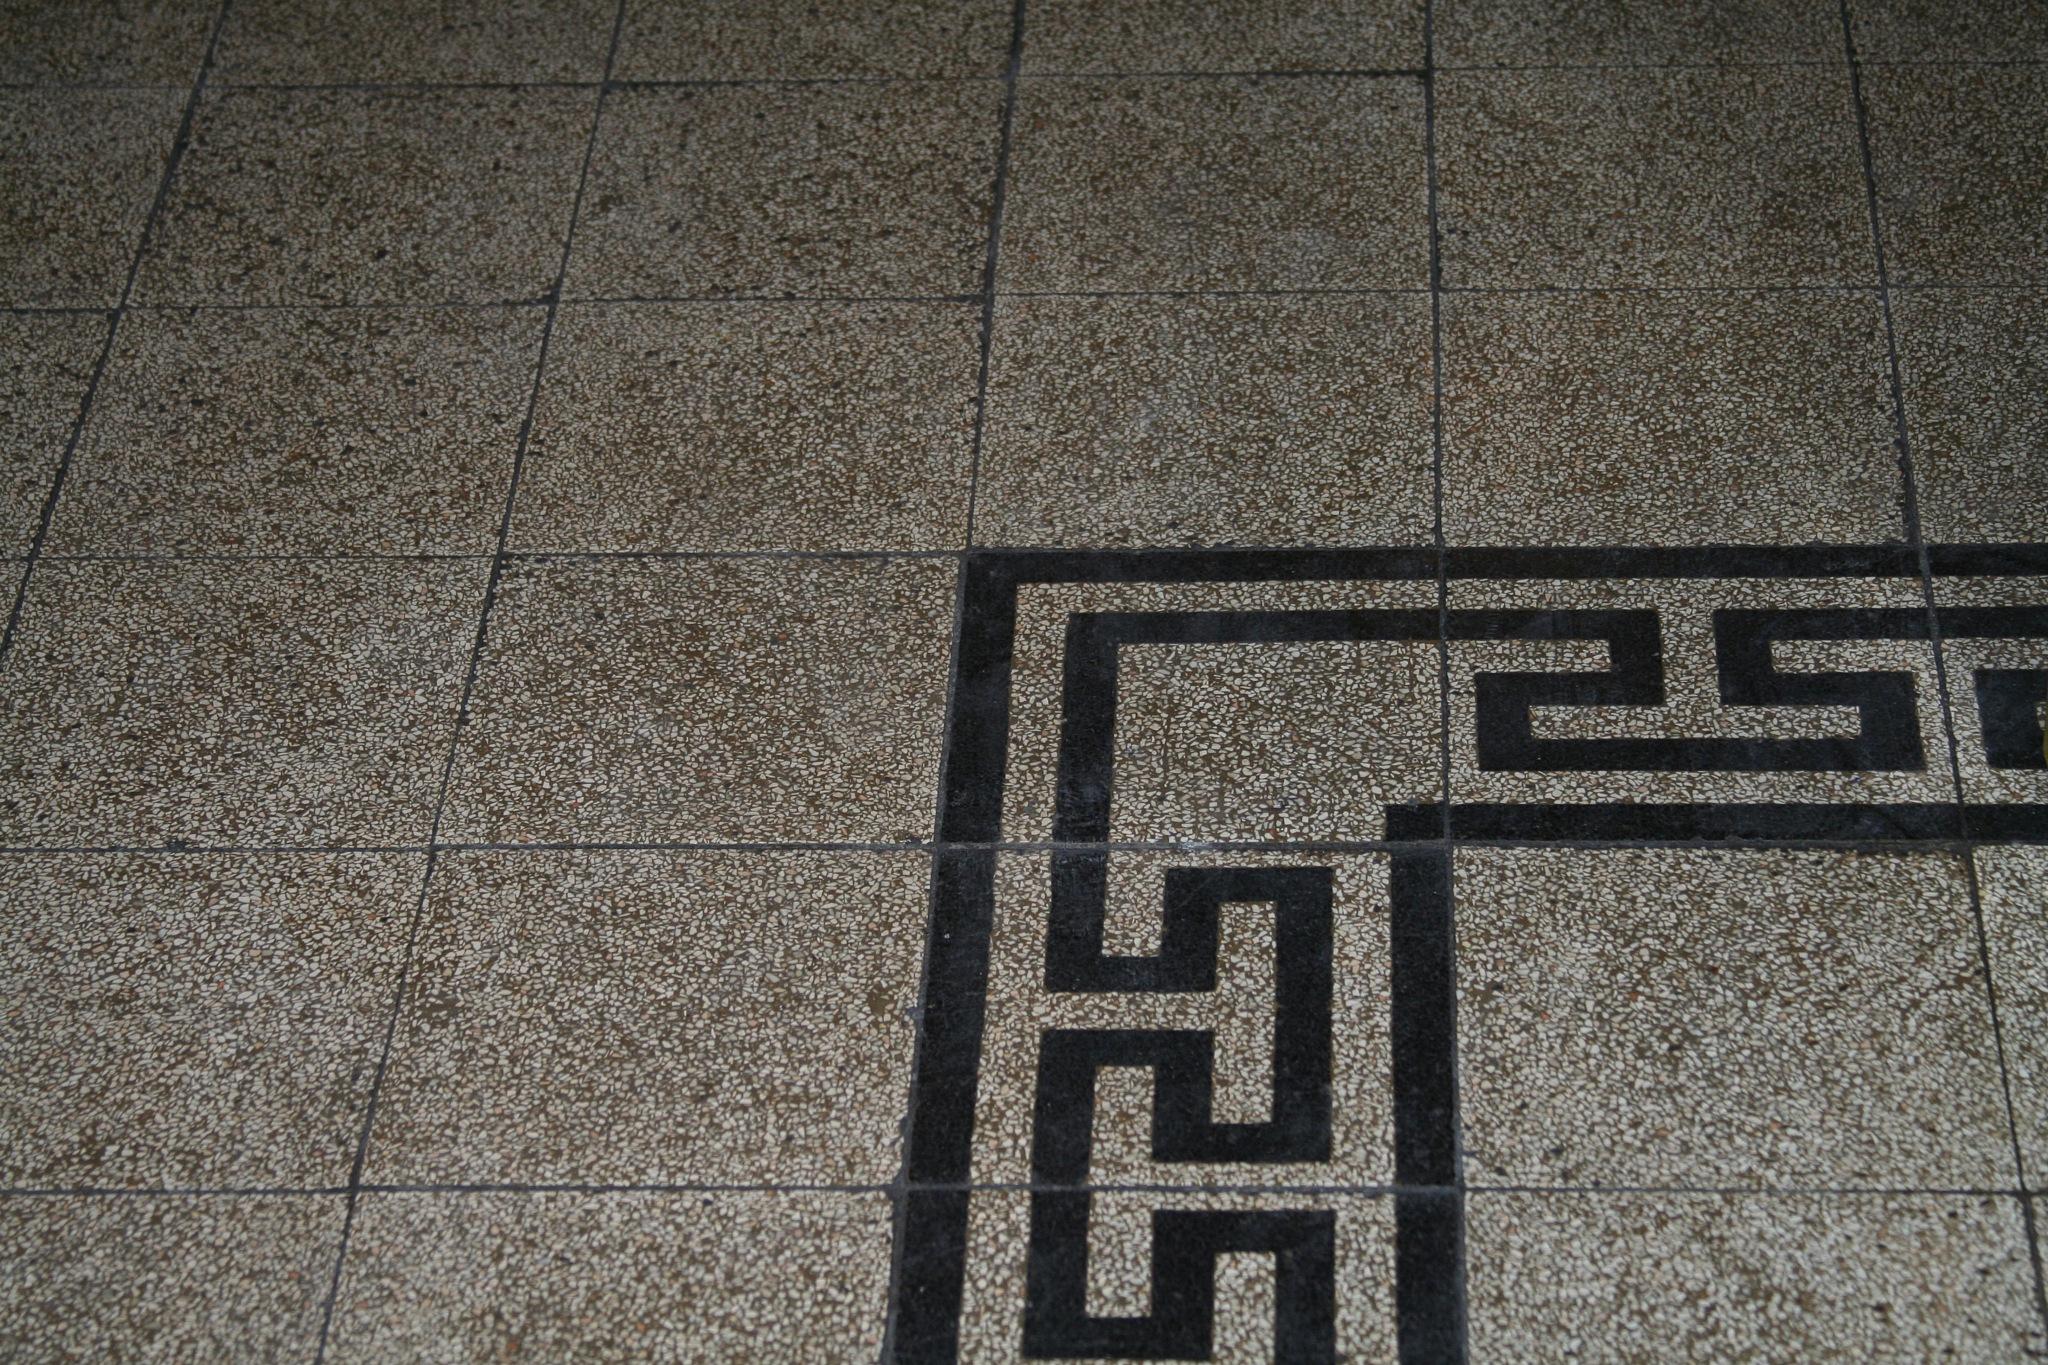 """"""" Tiles """" by andrew mcgentle"""